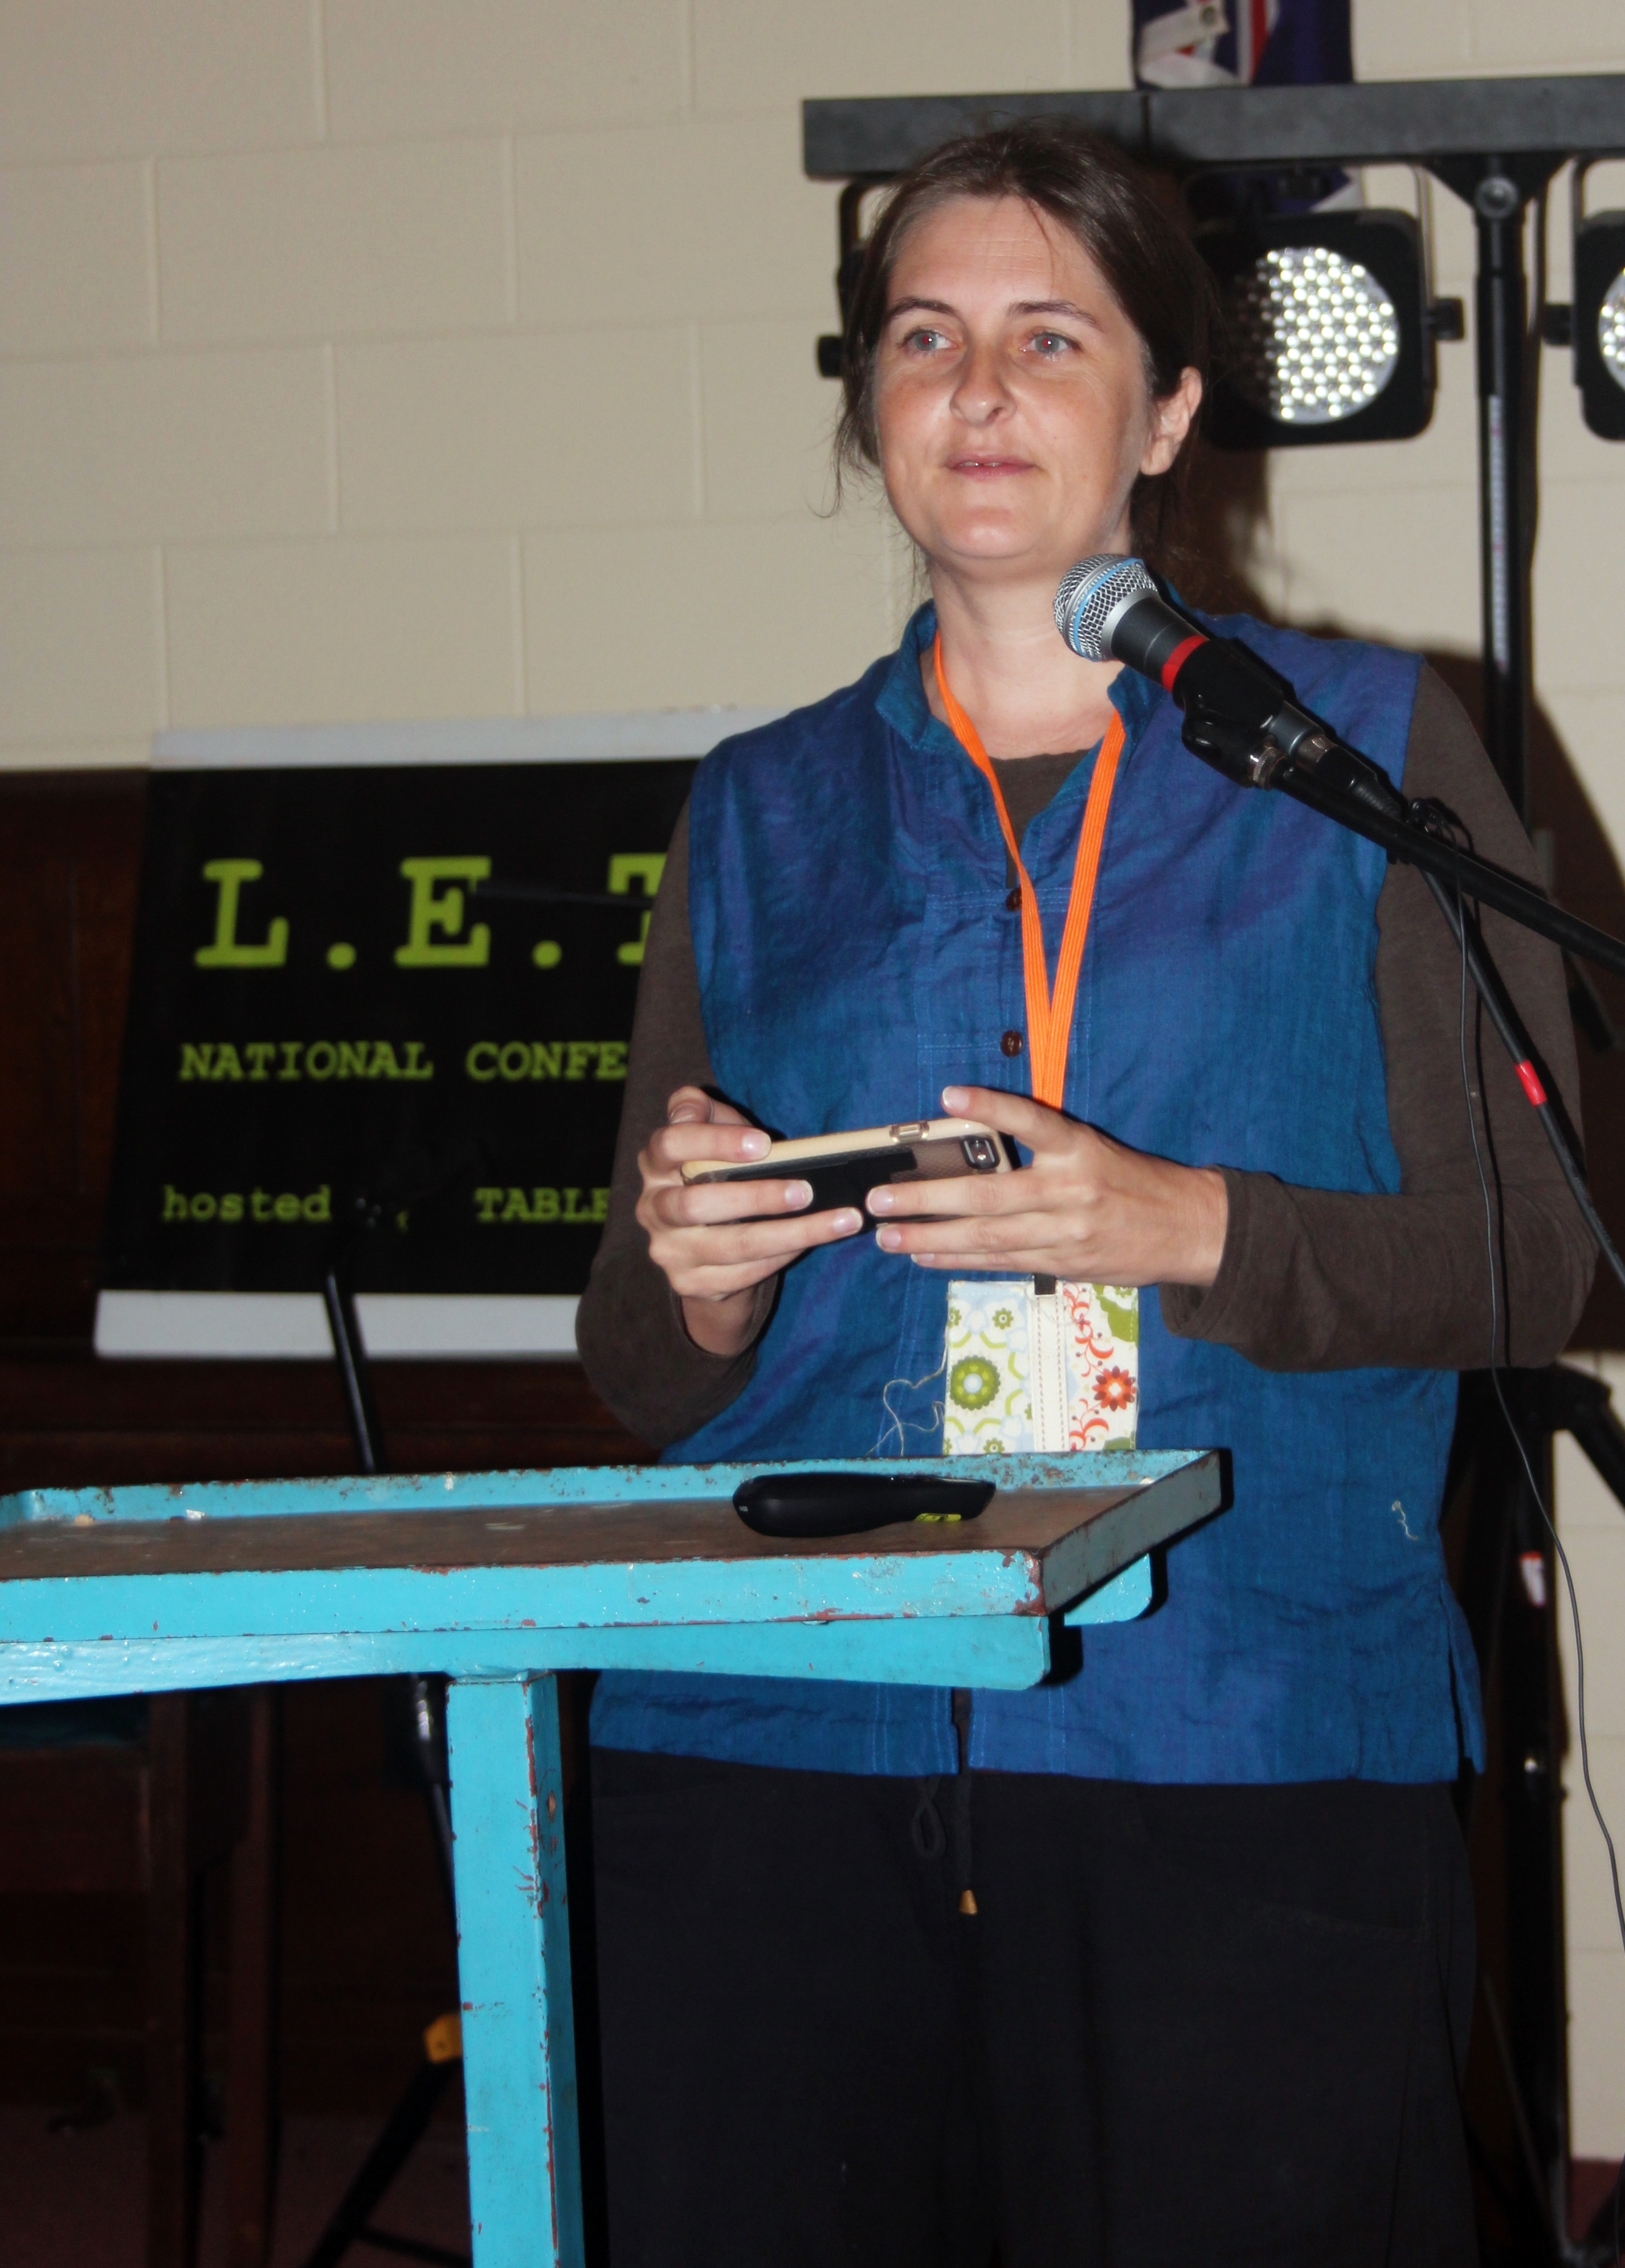 Annette Loudon